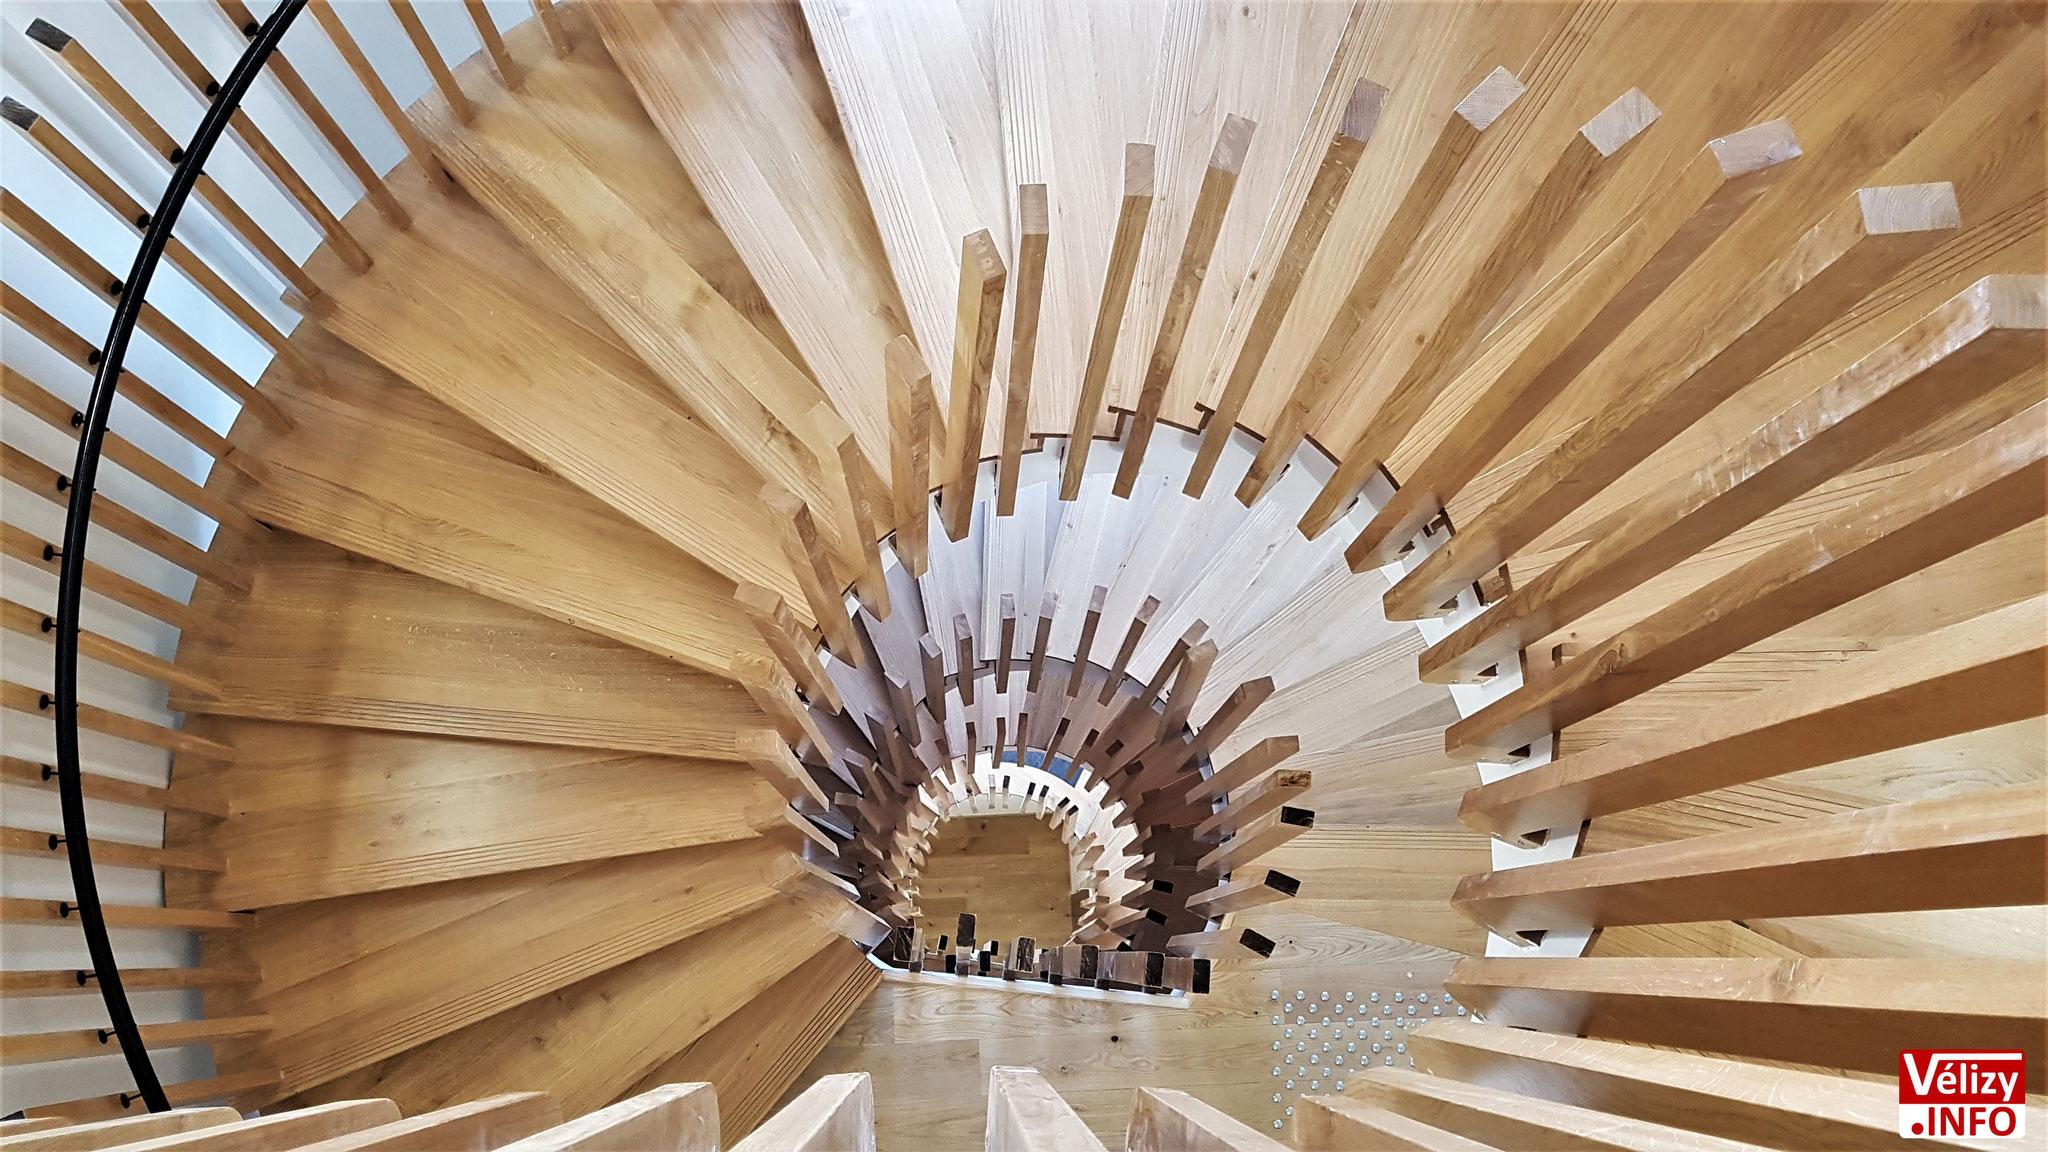 L'escalier en colimaçon vu du dernier étage de l'Hôtel de Police de Vélizy-Villacoublay.